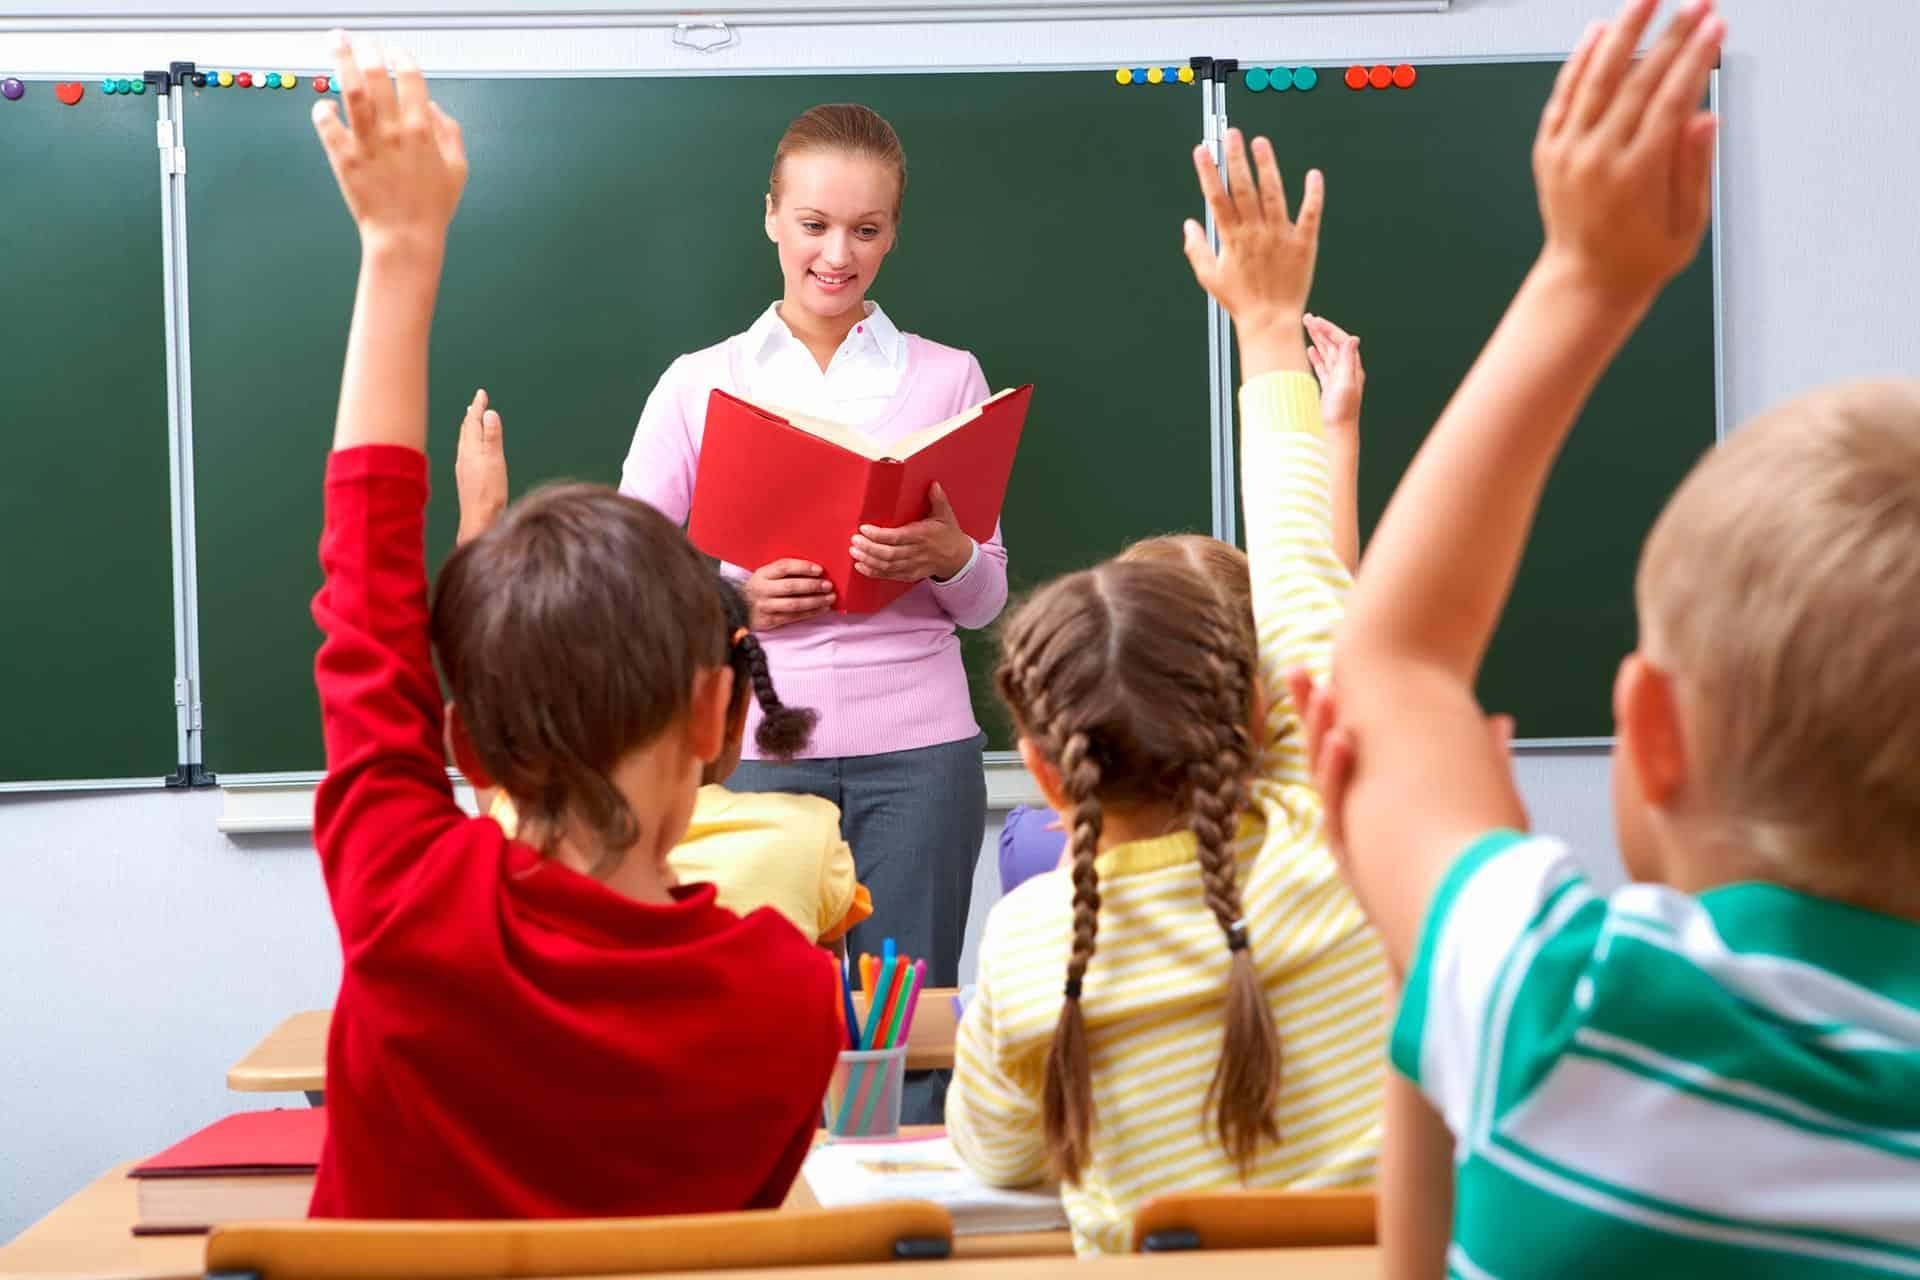 Родительские собрания и пробные посадки учеников в классах, пройдут в школах России перед началом учебного года